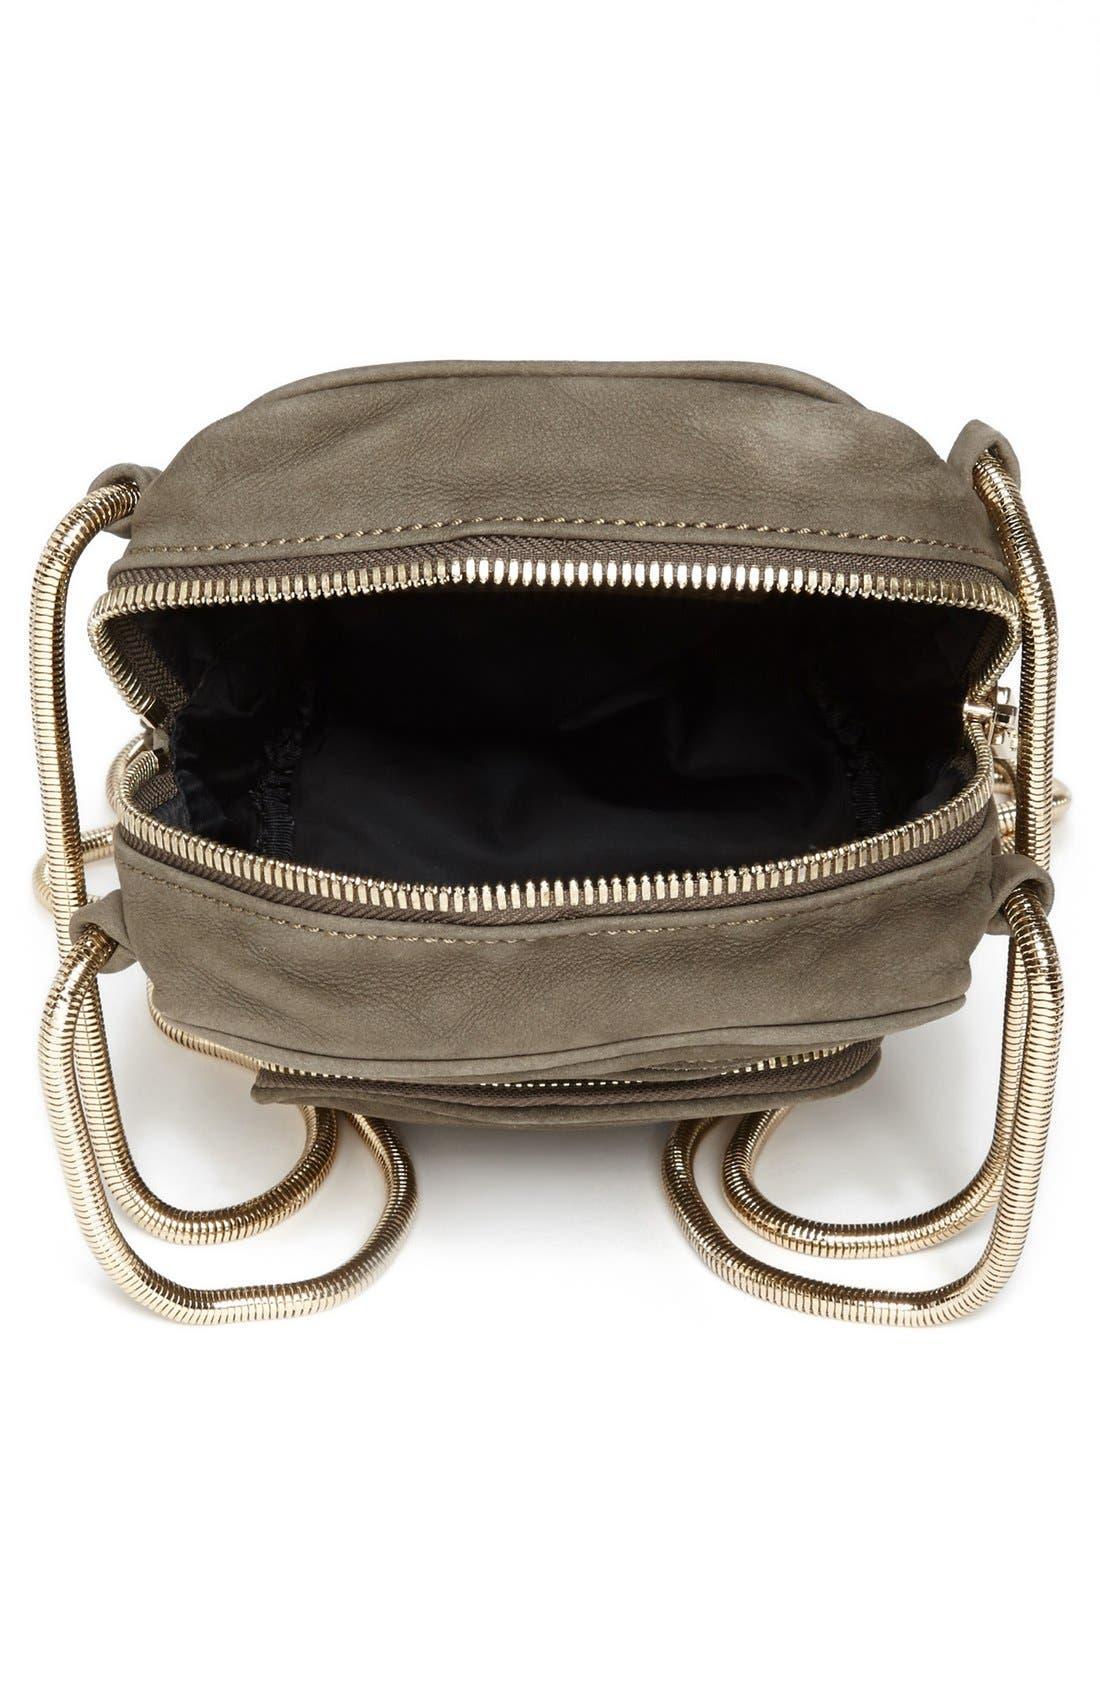 Alternate Image 3  - Alexander Wang 'Brenda - Pale Gold' Nubuck Leather Shoulder Bag, Small